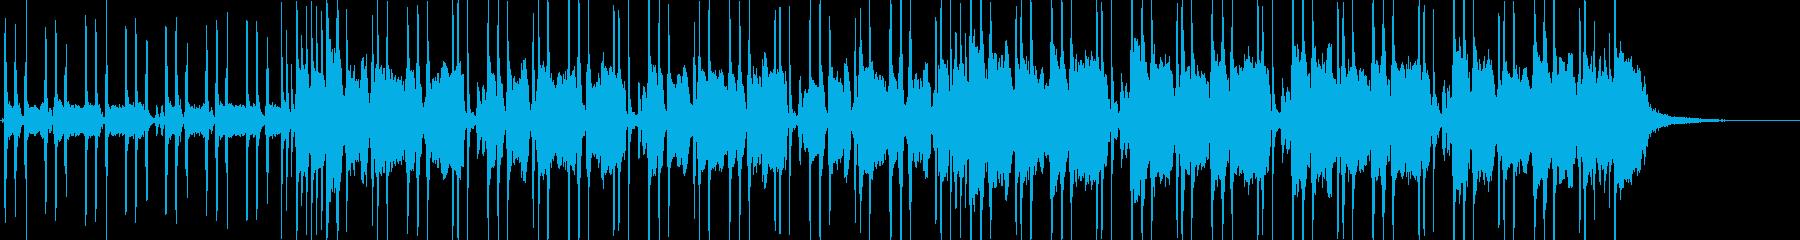 ロックギター、リフが繰り返されるBGMの再生済みの波形